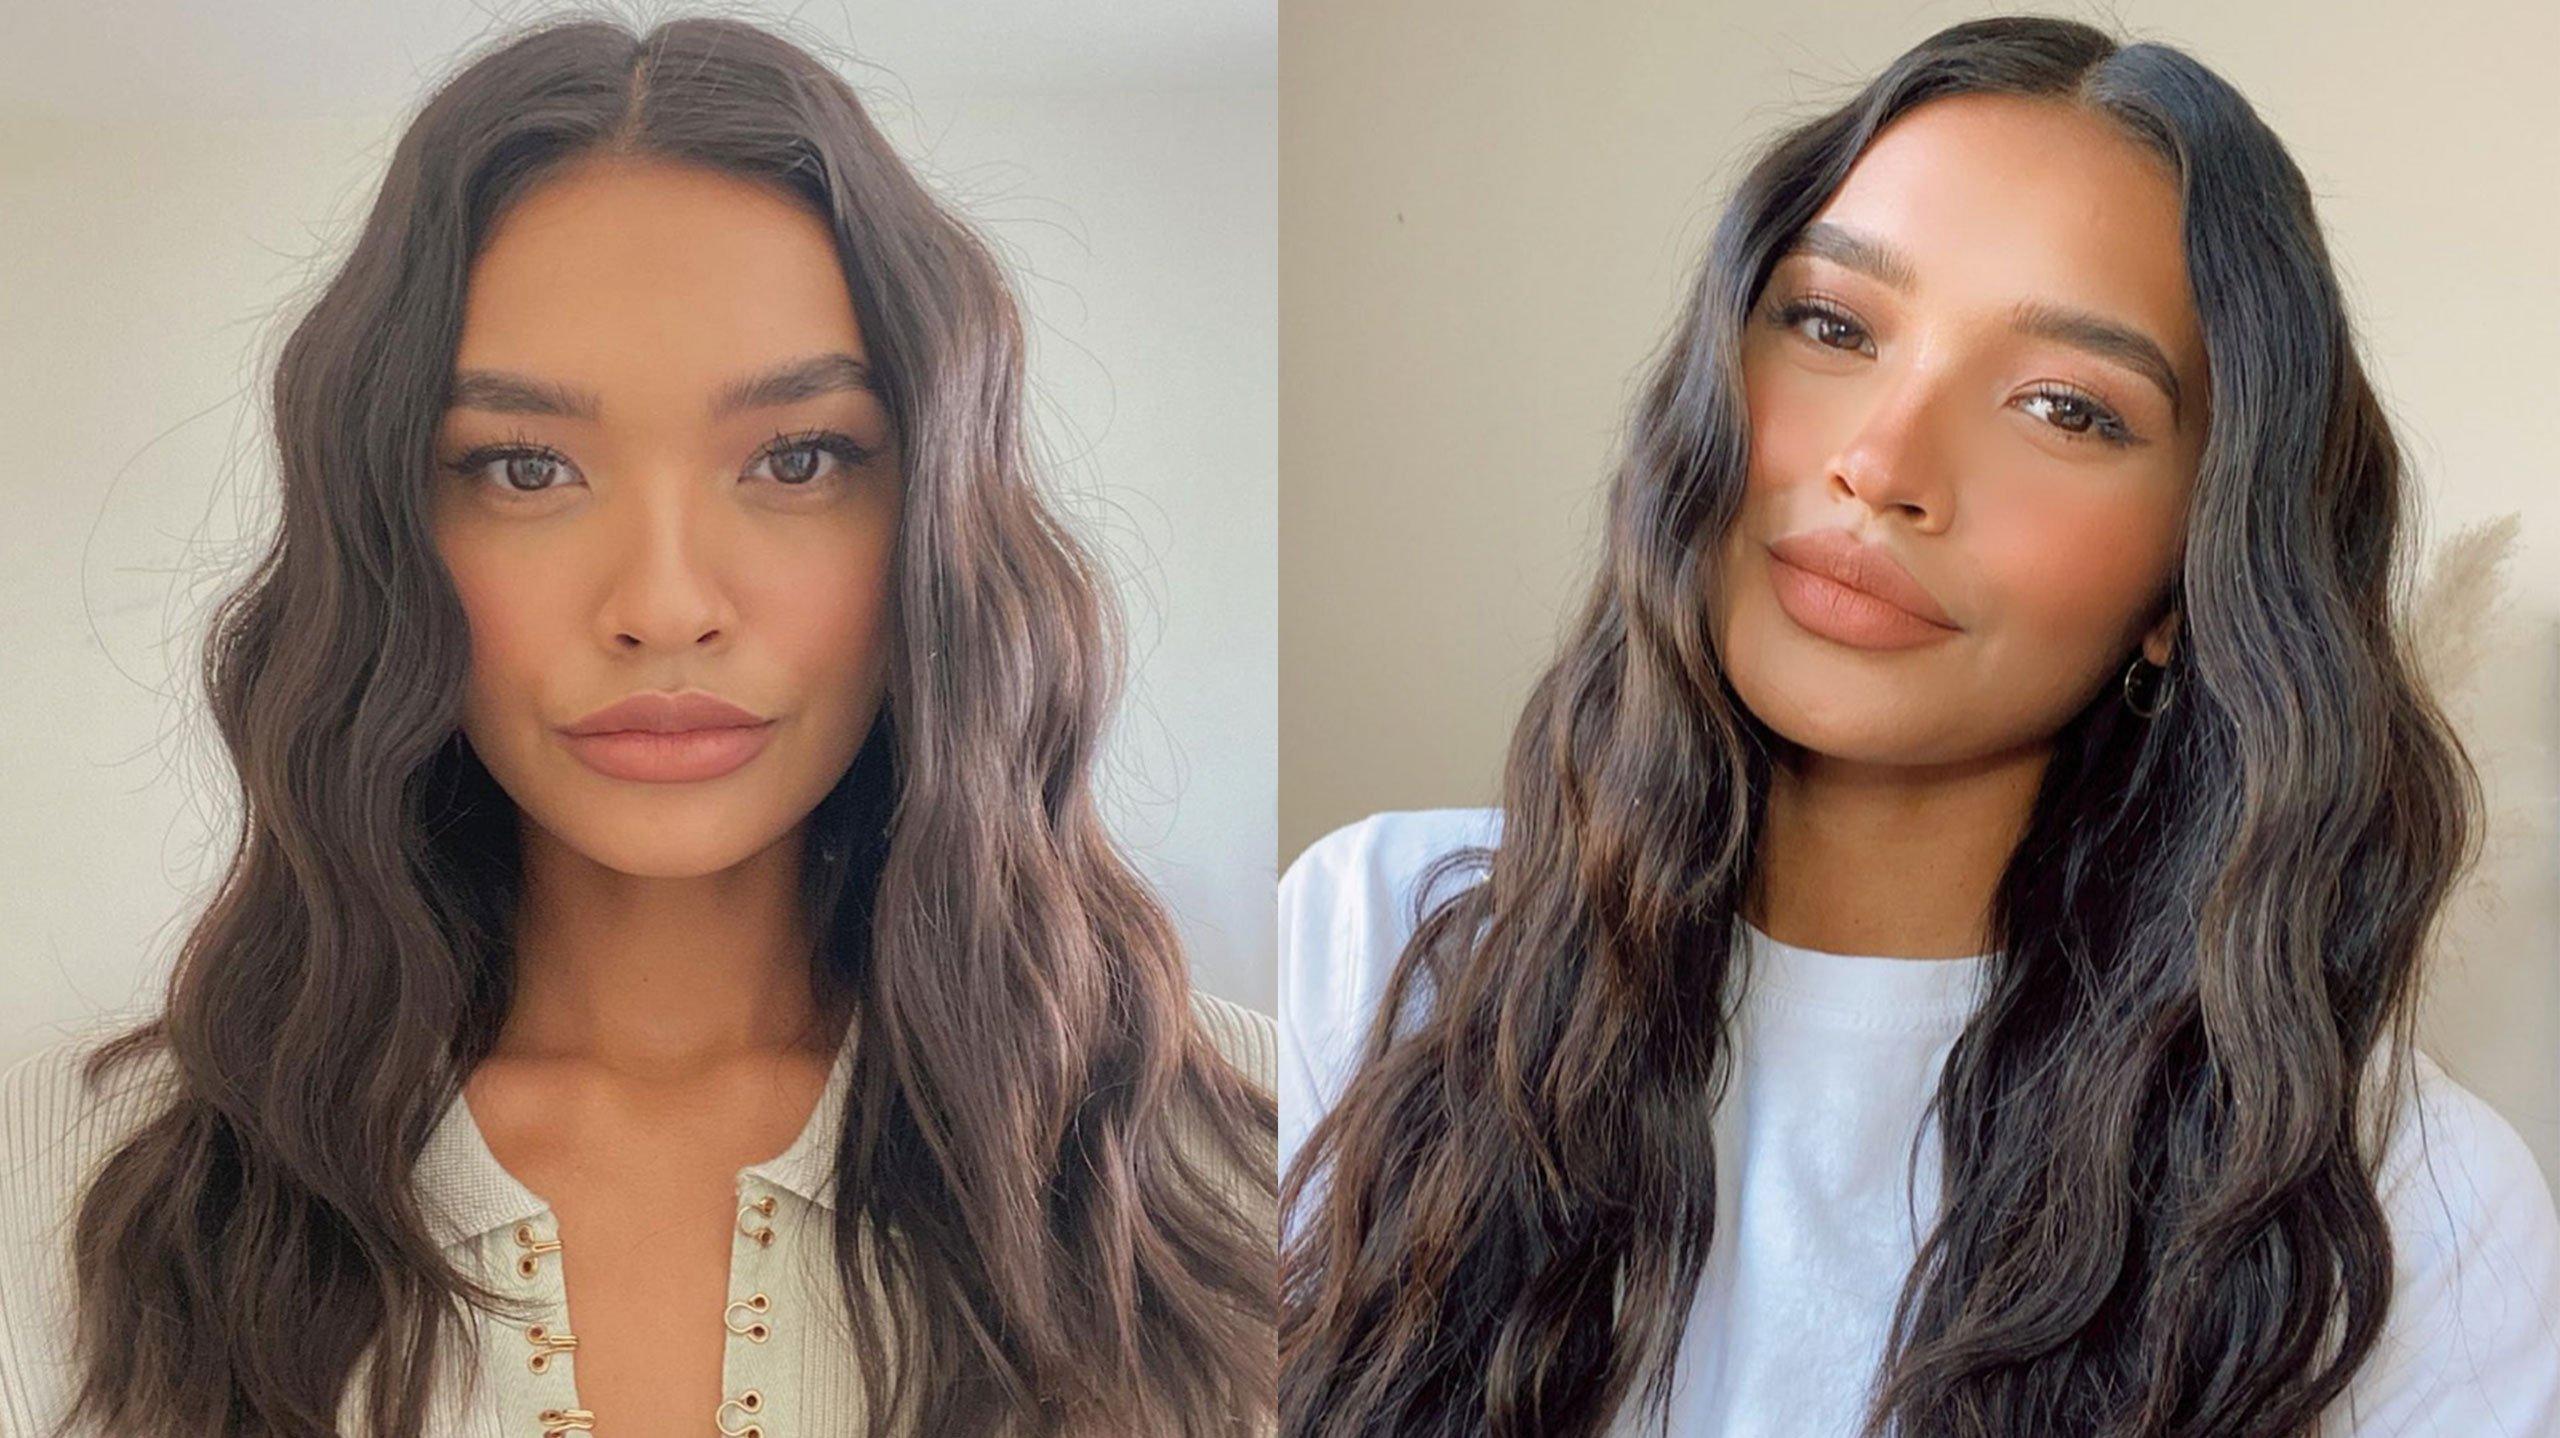 Enligt TikTok är Mermaid waves sommarens stora hårtrend (vi har testat!)